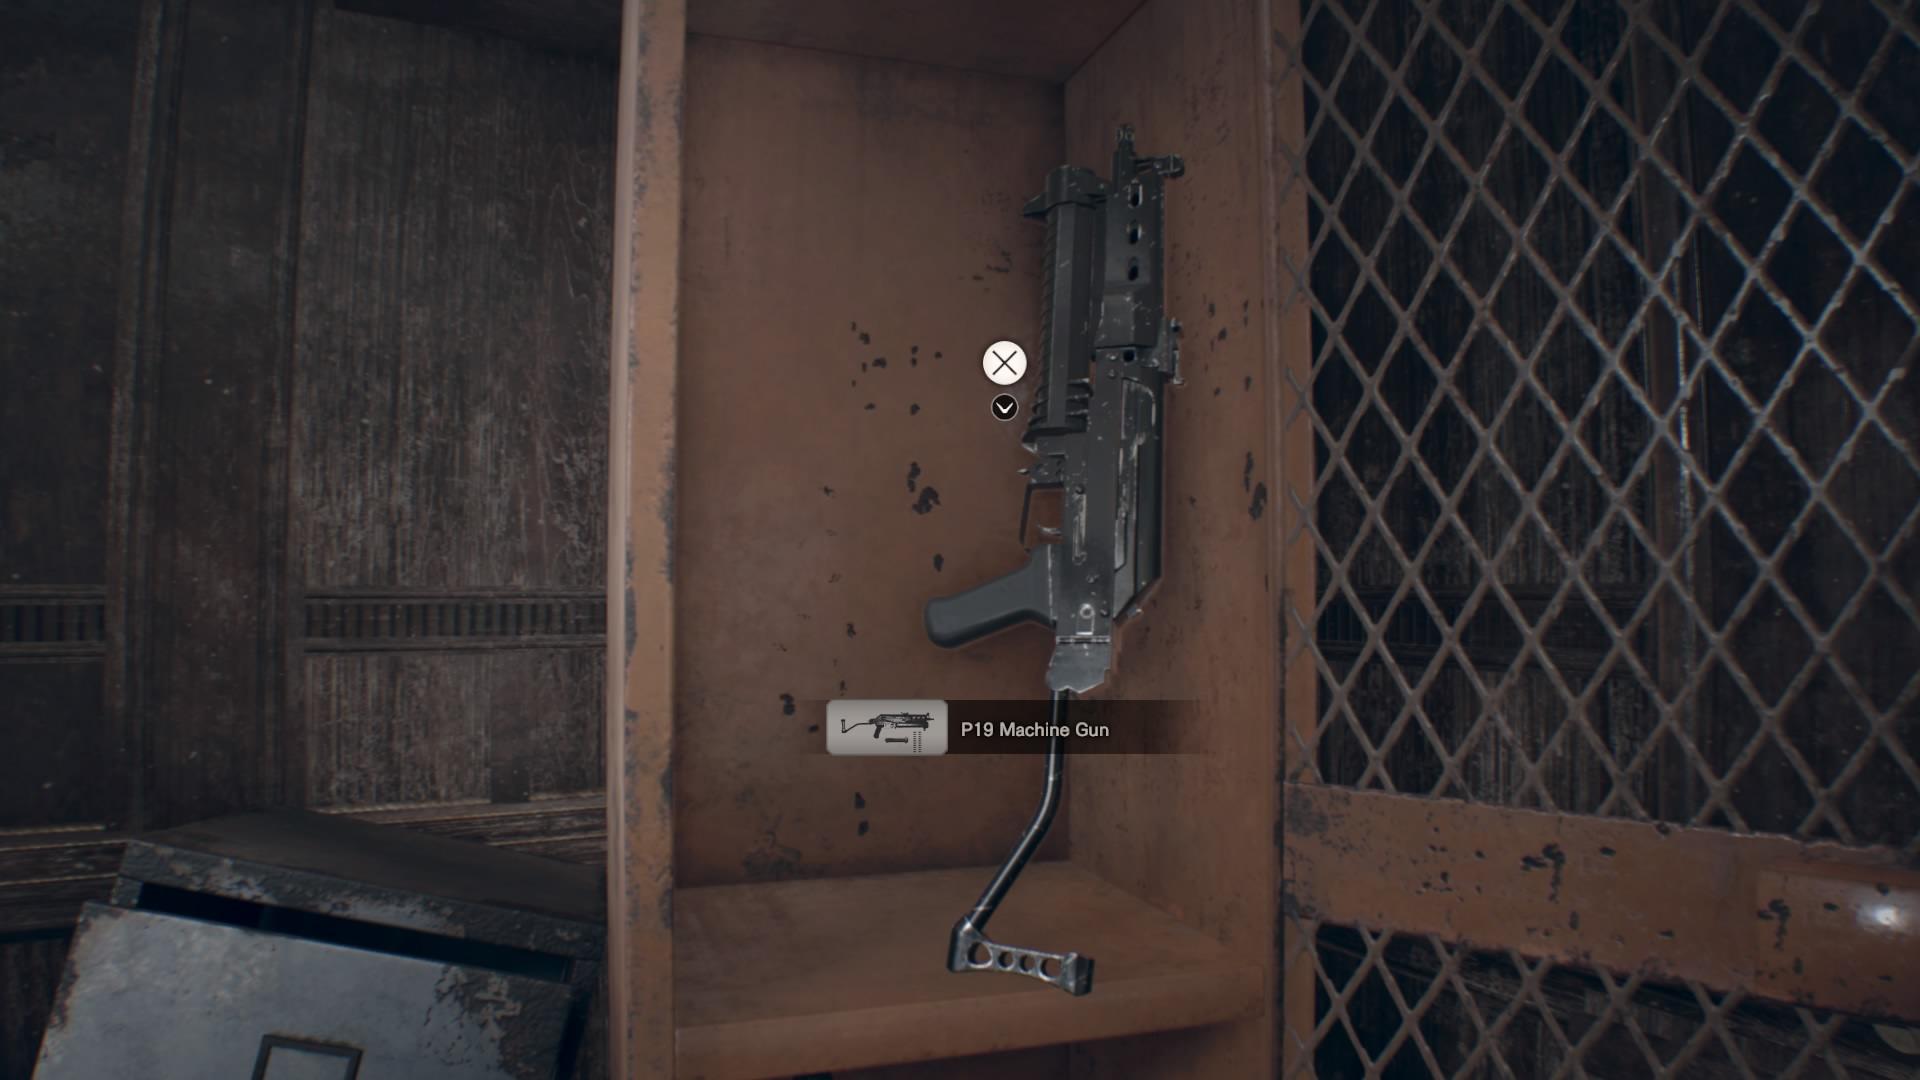 RESIDENT_EVIL_7_biohazard_P19_Machine_Gun_location.jpg